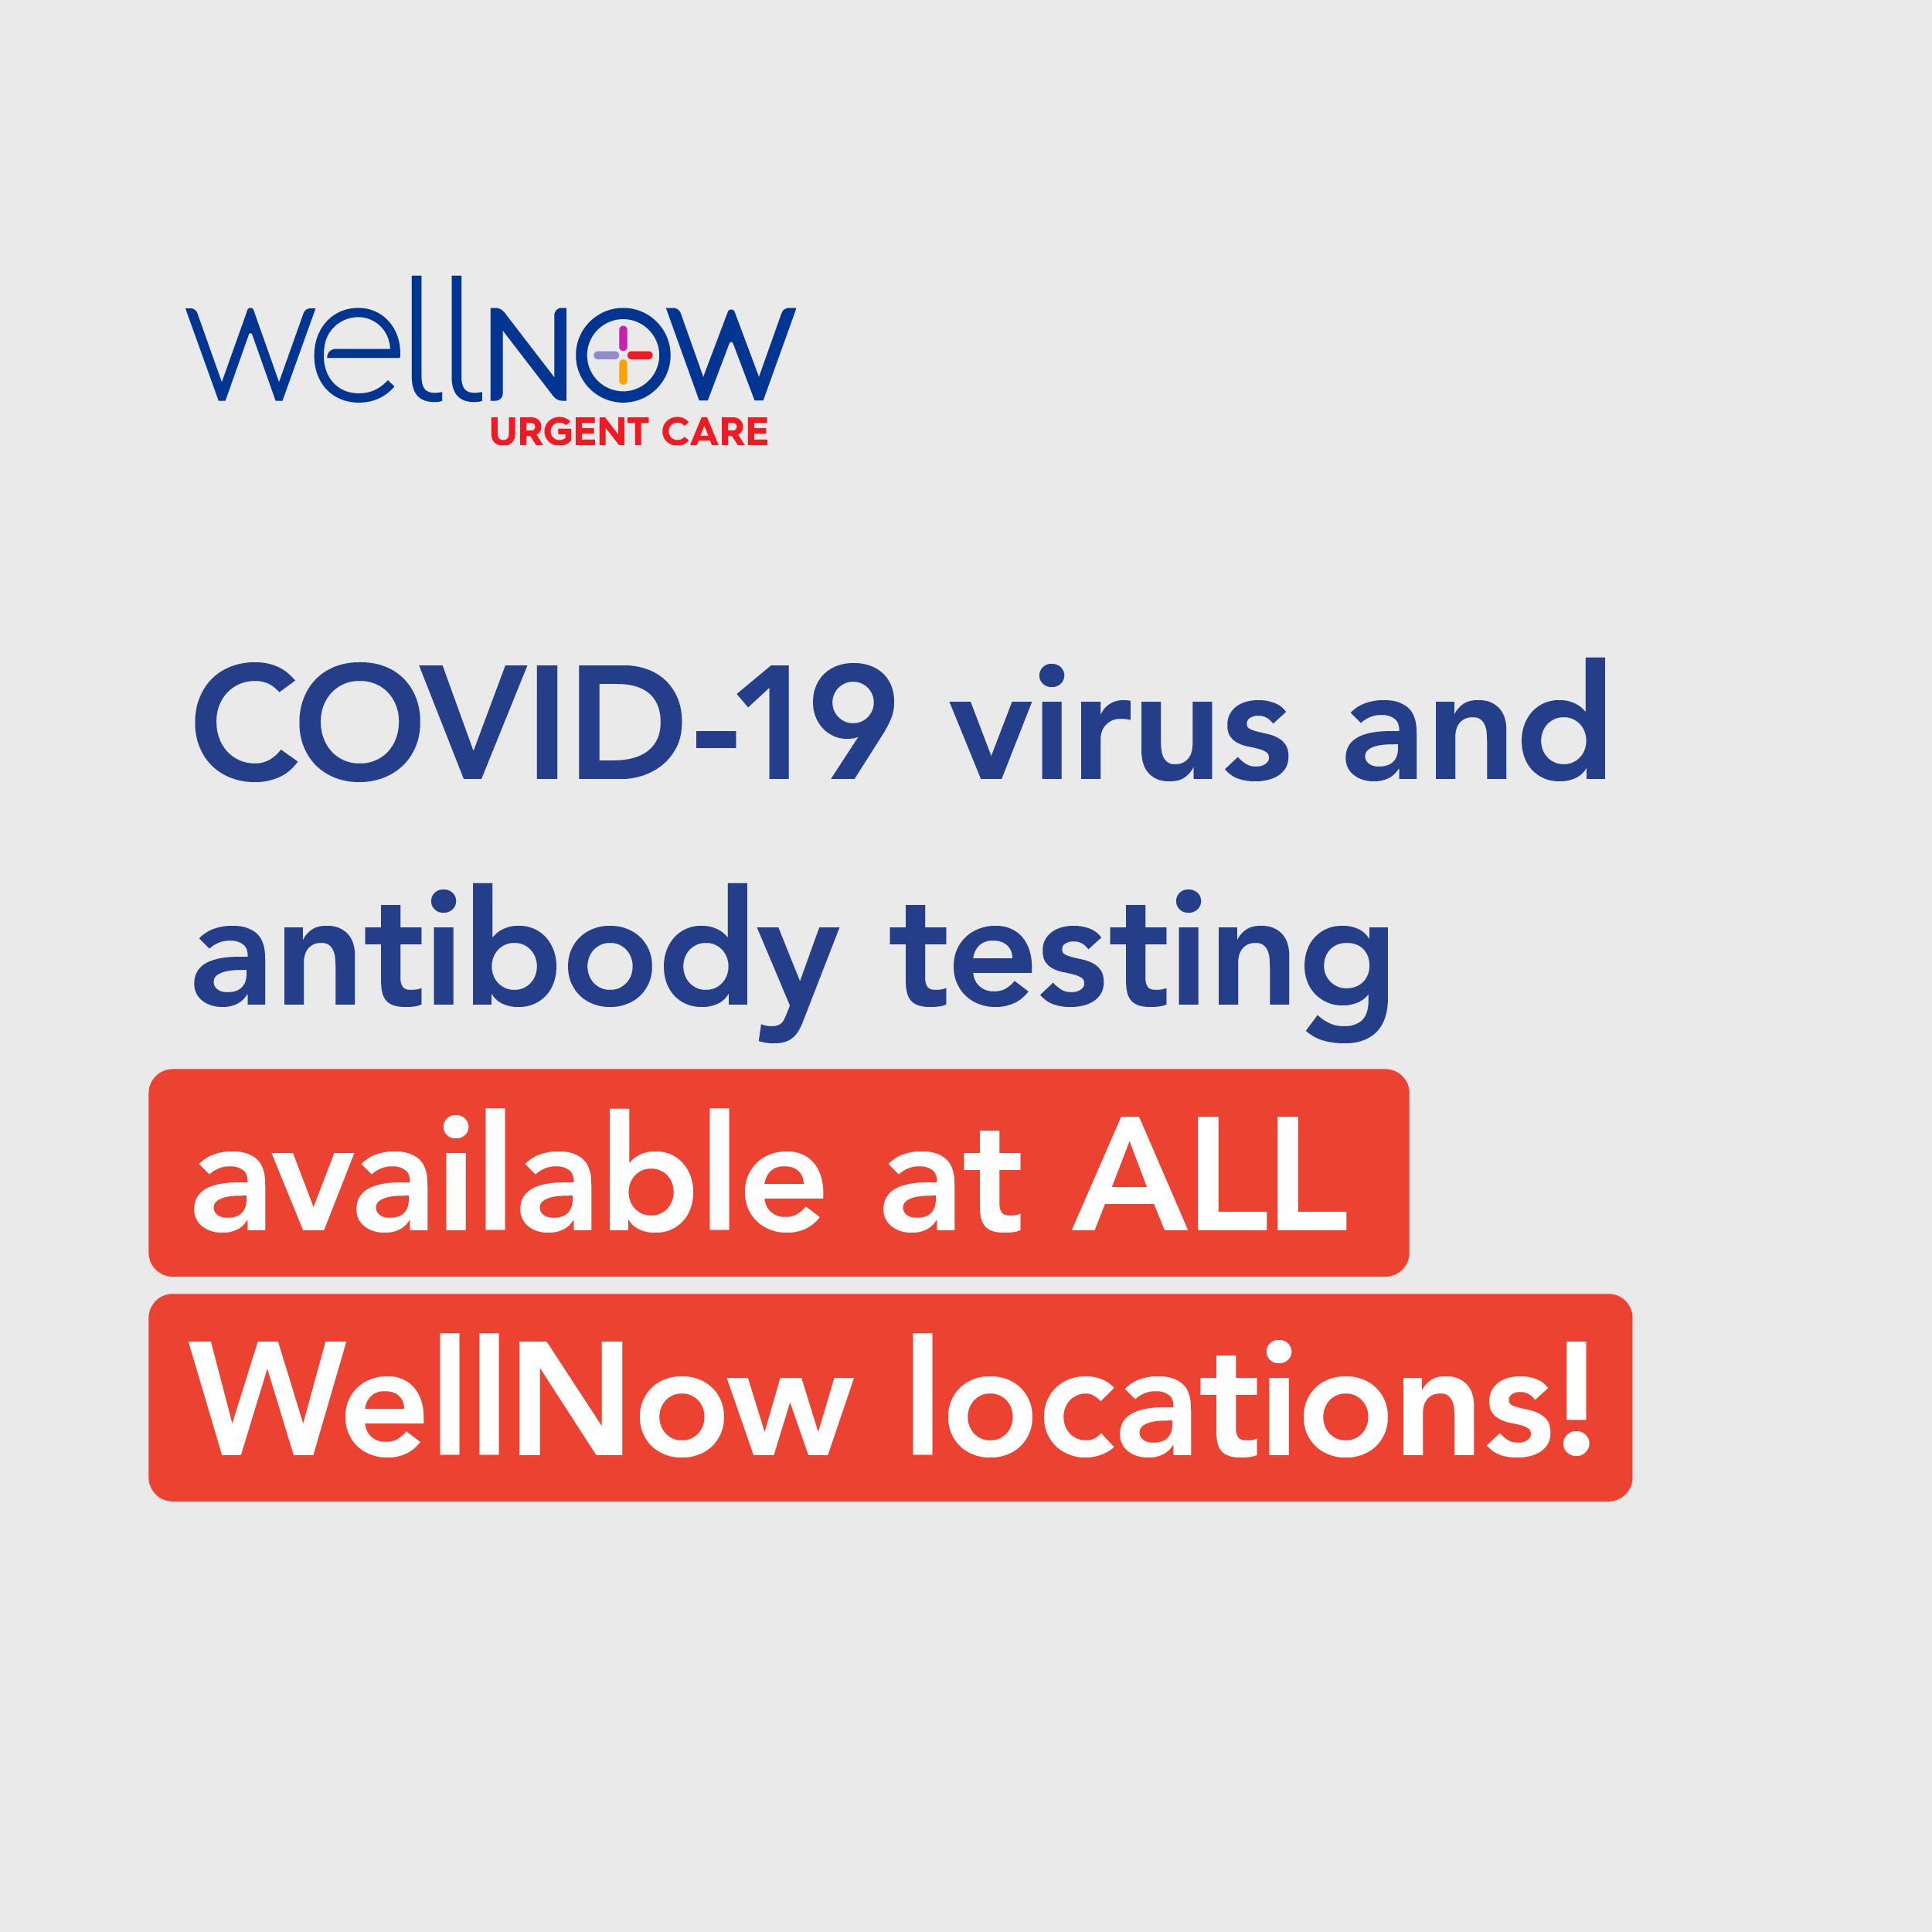 WNUC_20088 - COVID 19 Testing Post_v5-3.jpg